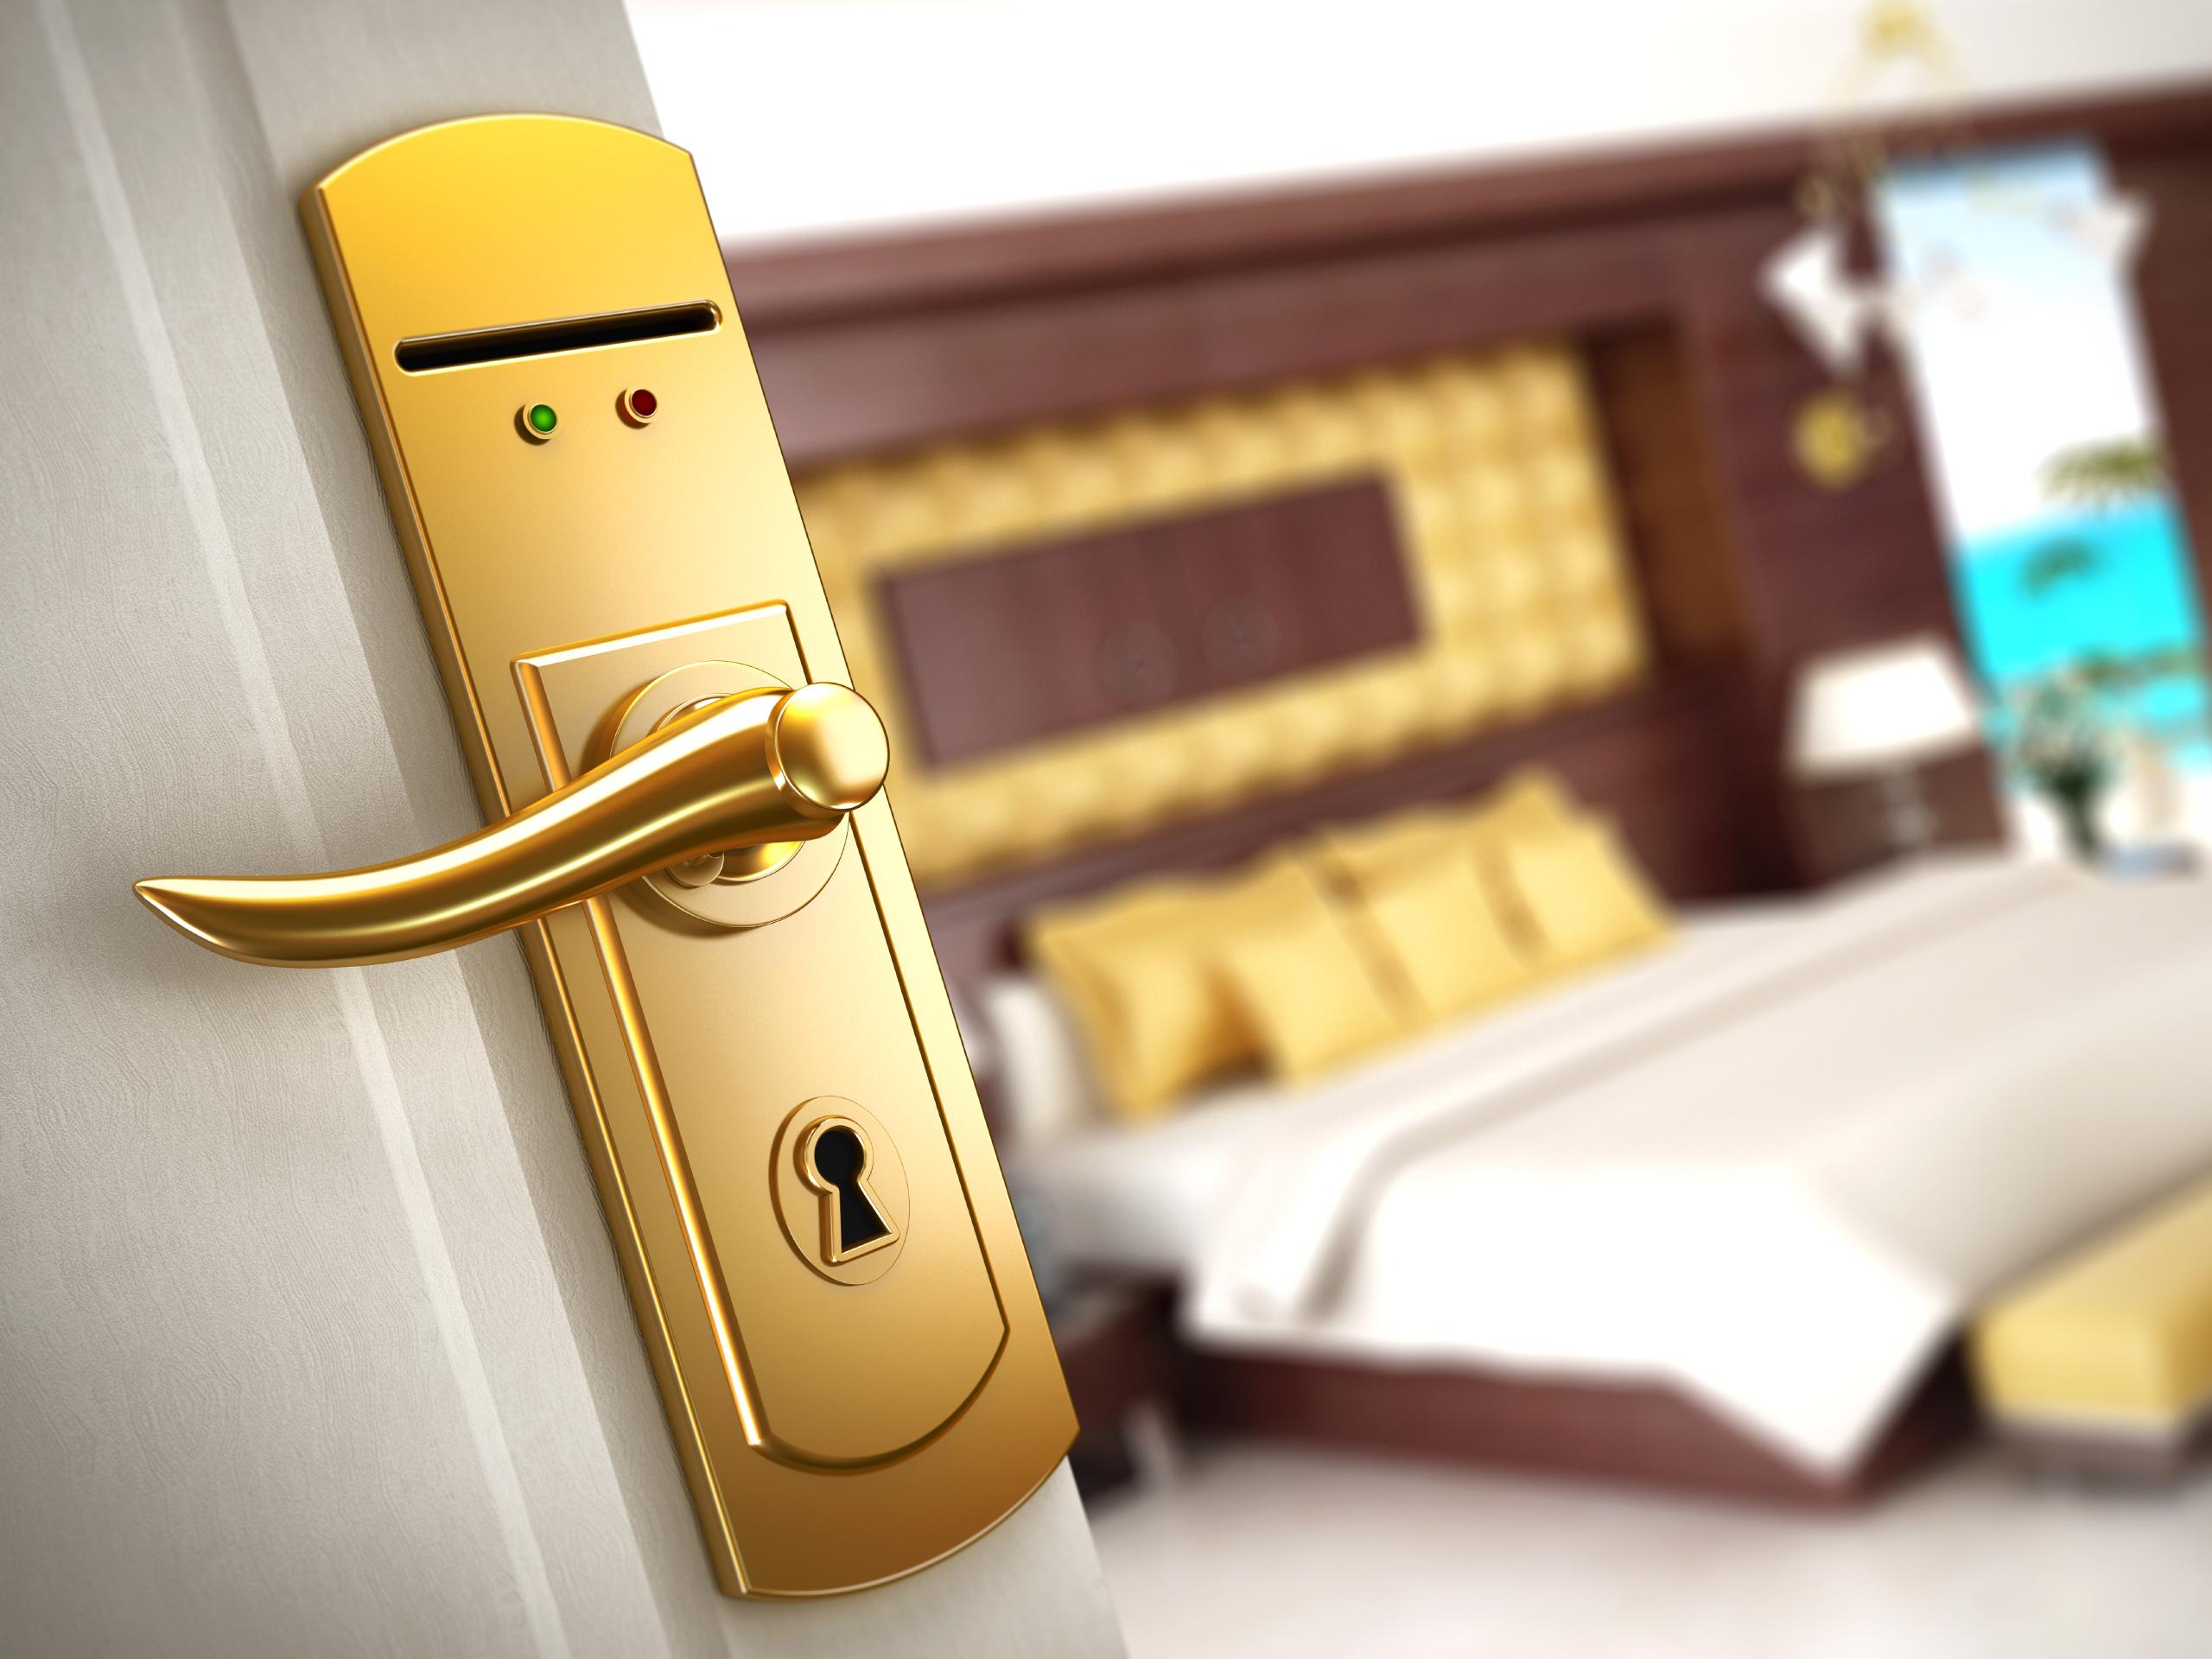 Resort & Hotel Housekeeping